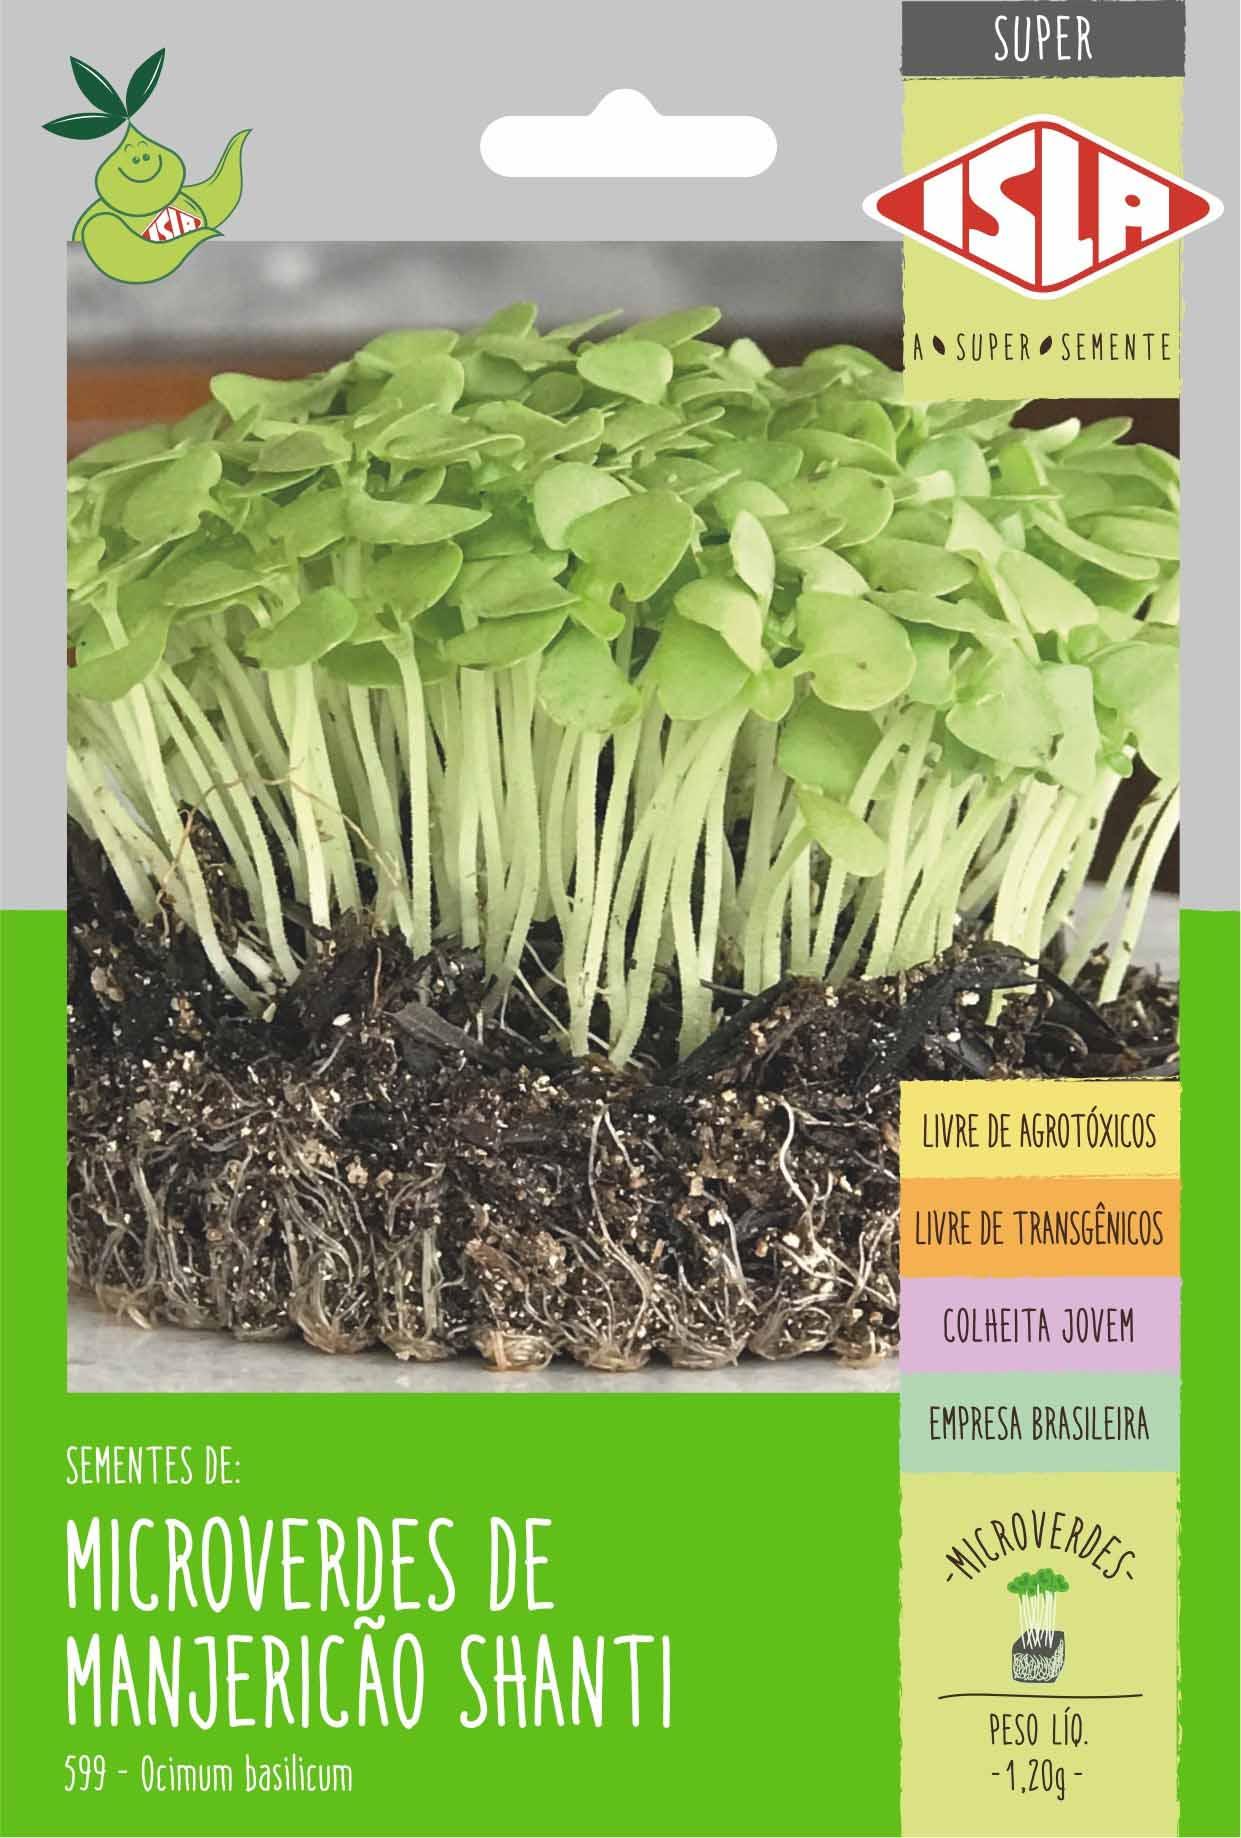 Sementes de Manjericão Basilicão Shanti Microverdes 1,20g - Isla Superpak